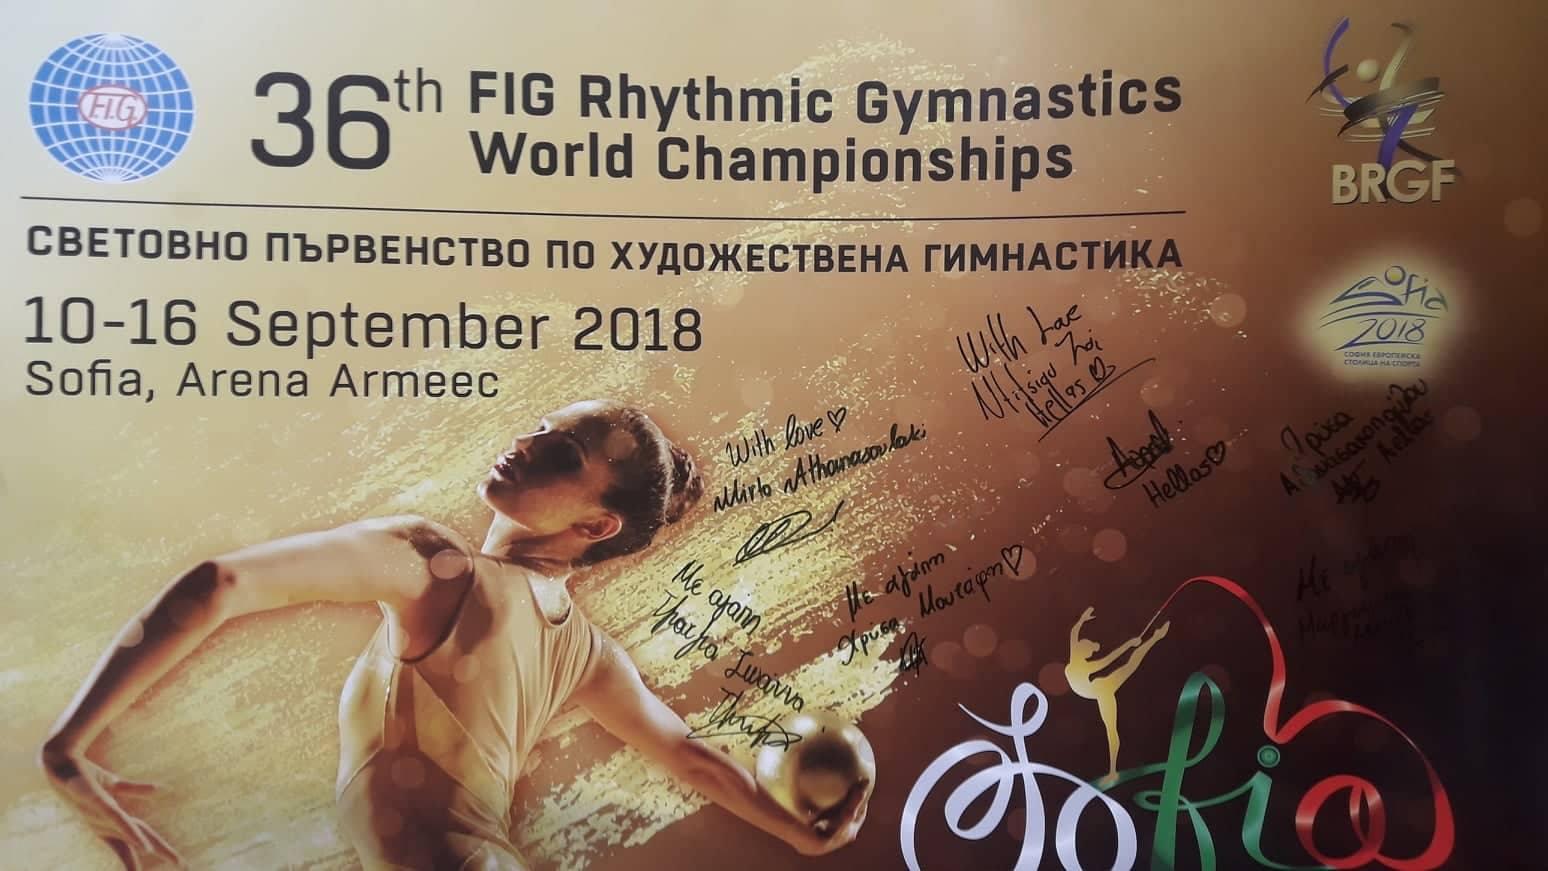 Στο Παγκόσμιο Πρωτάθλημα Ρυθμικής στη Σόφια η Καλαματιανή Μυρτώ Αθανασουλάκη